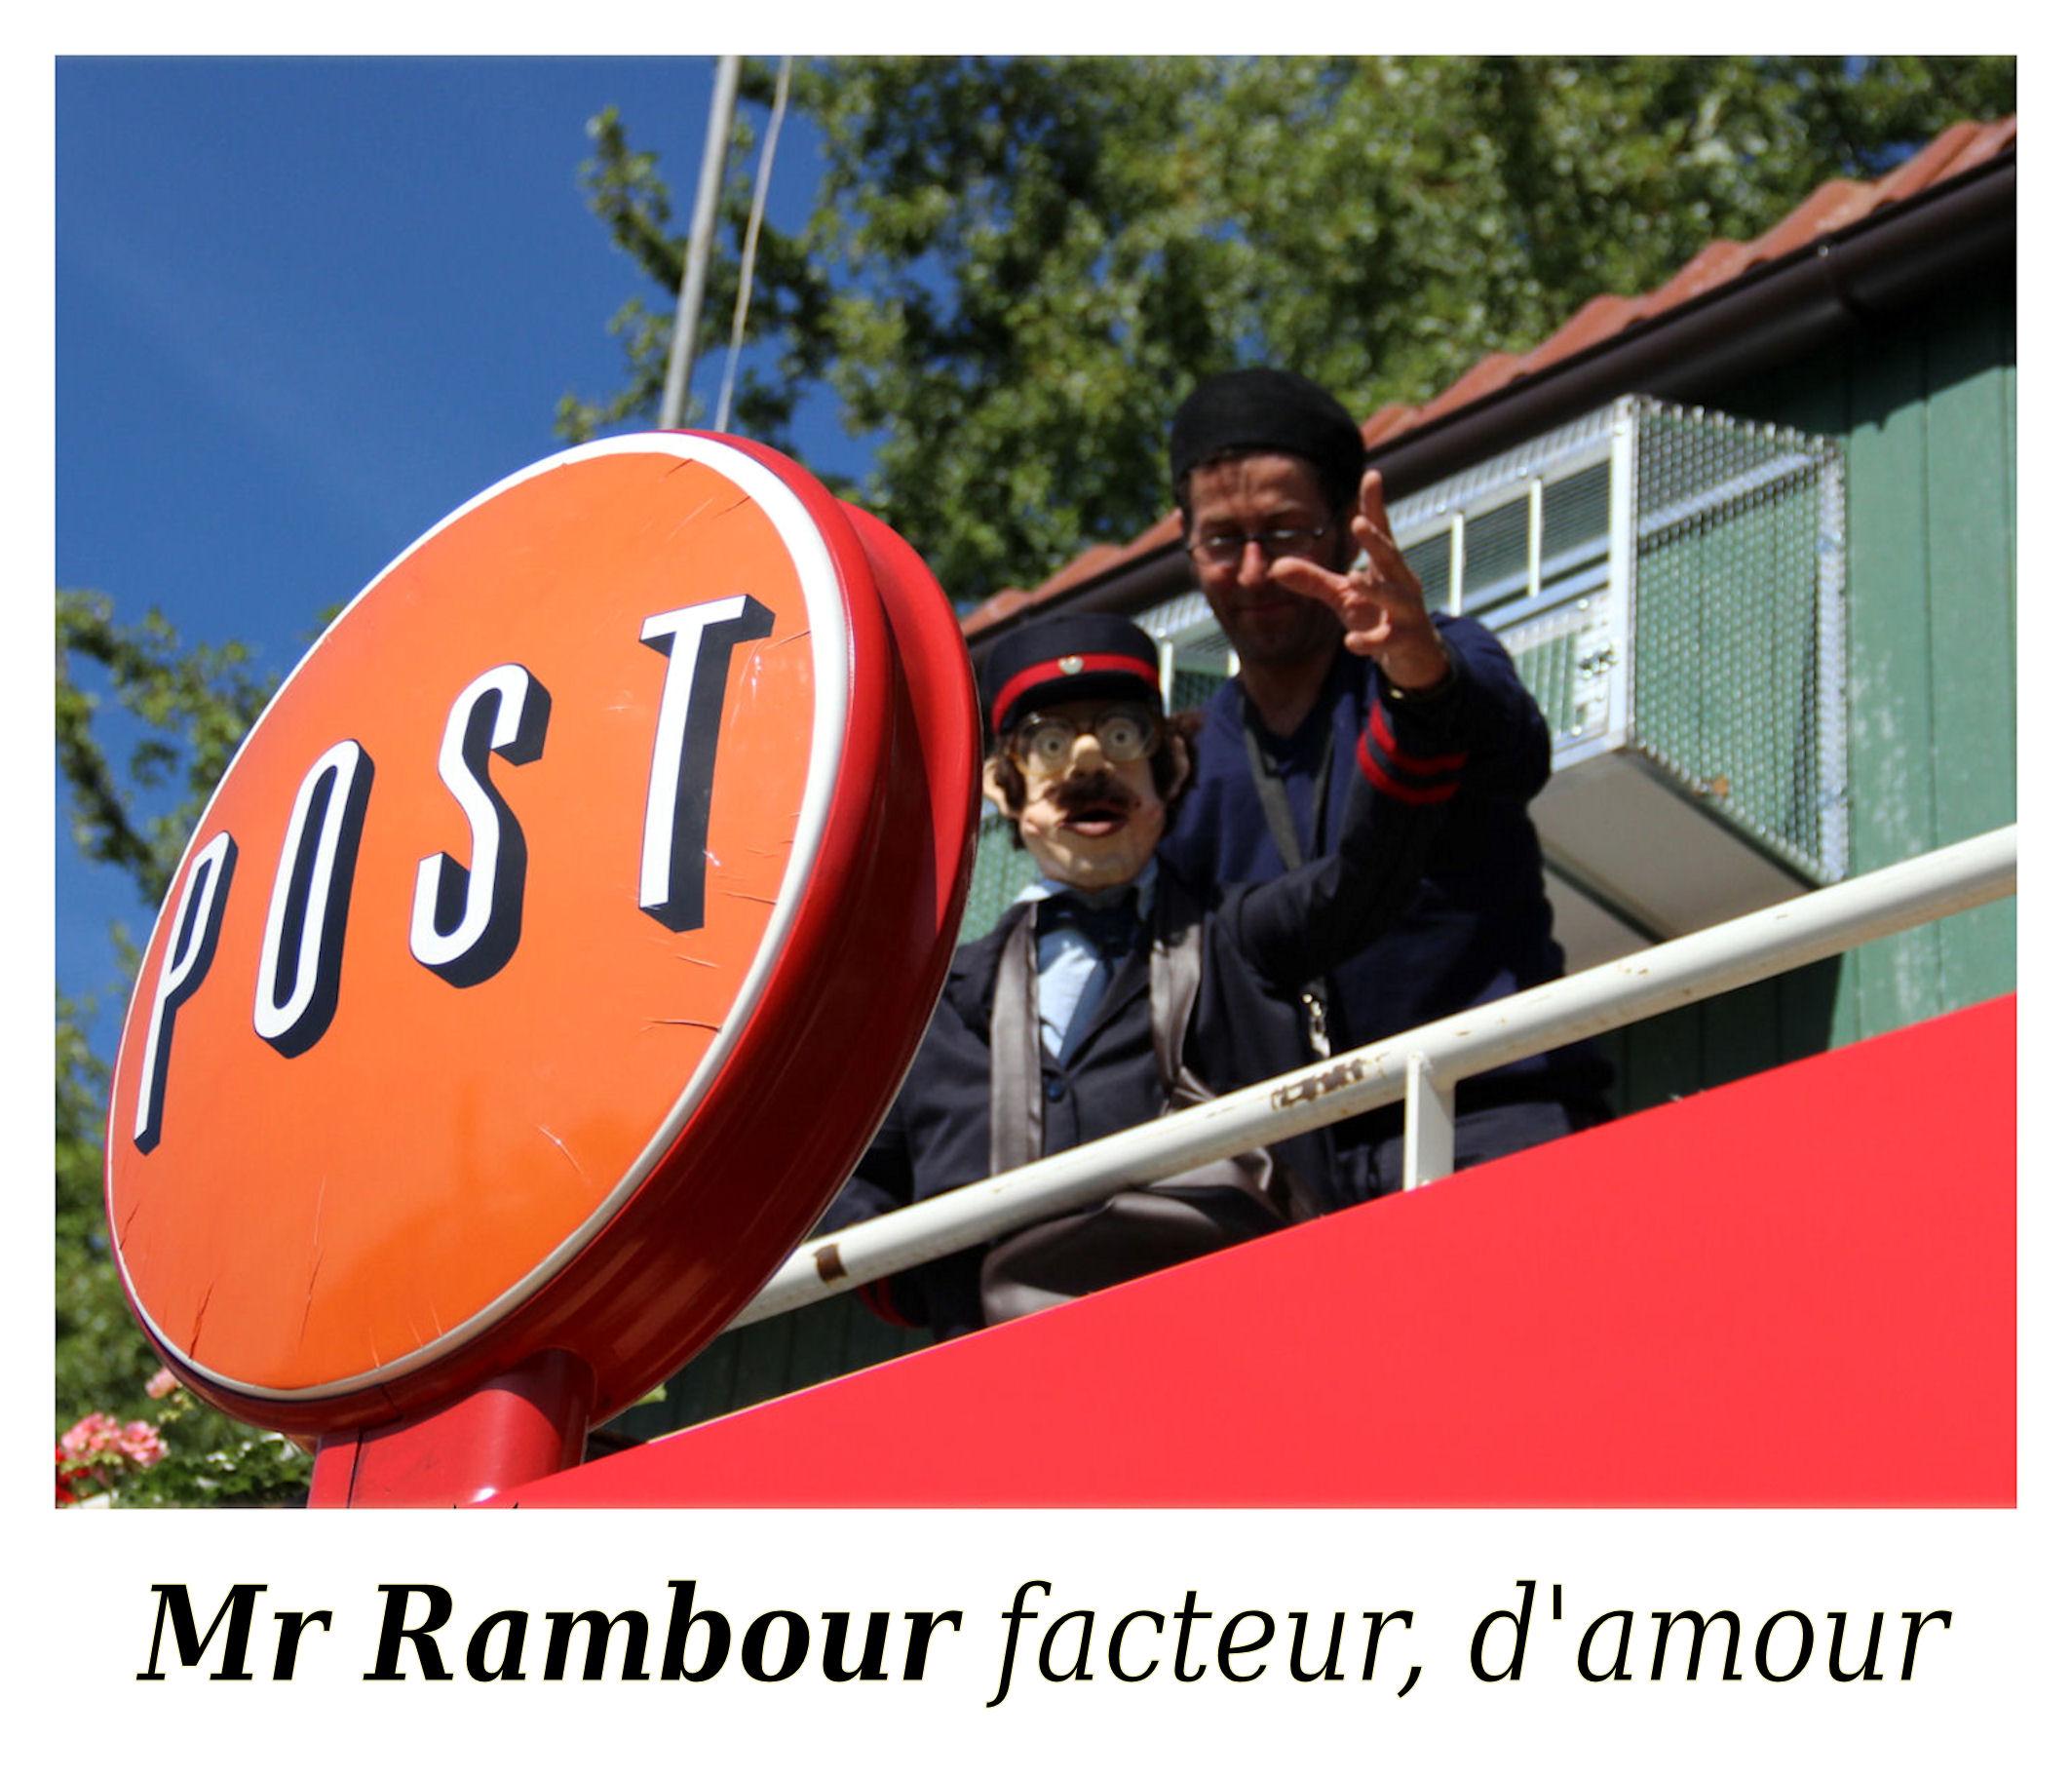 mr Rambour, postkantoor lowlands 2012 puurlain, 450 dpi